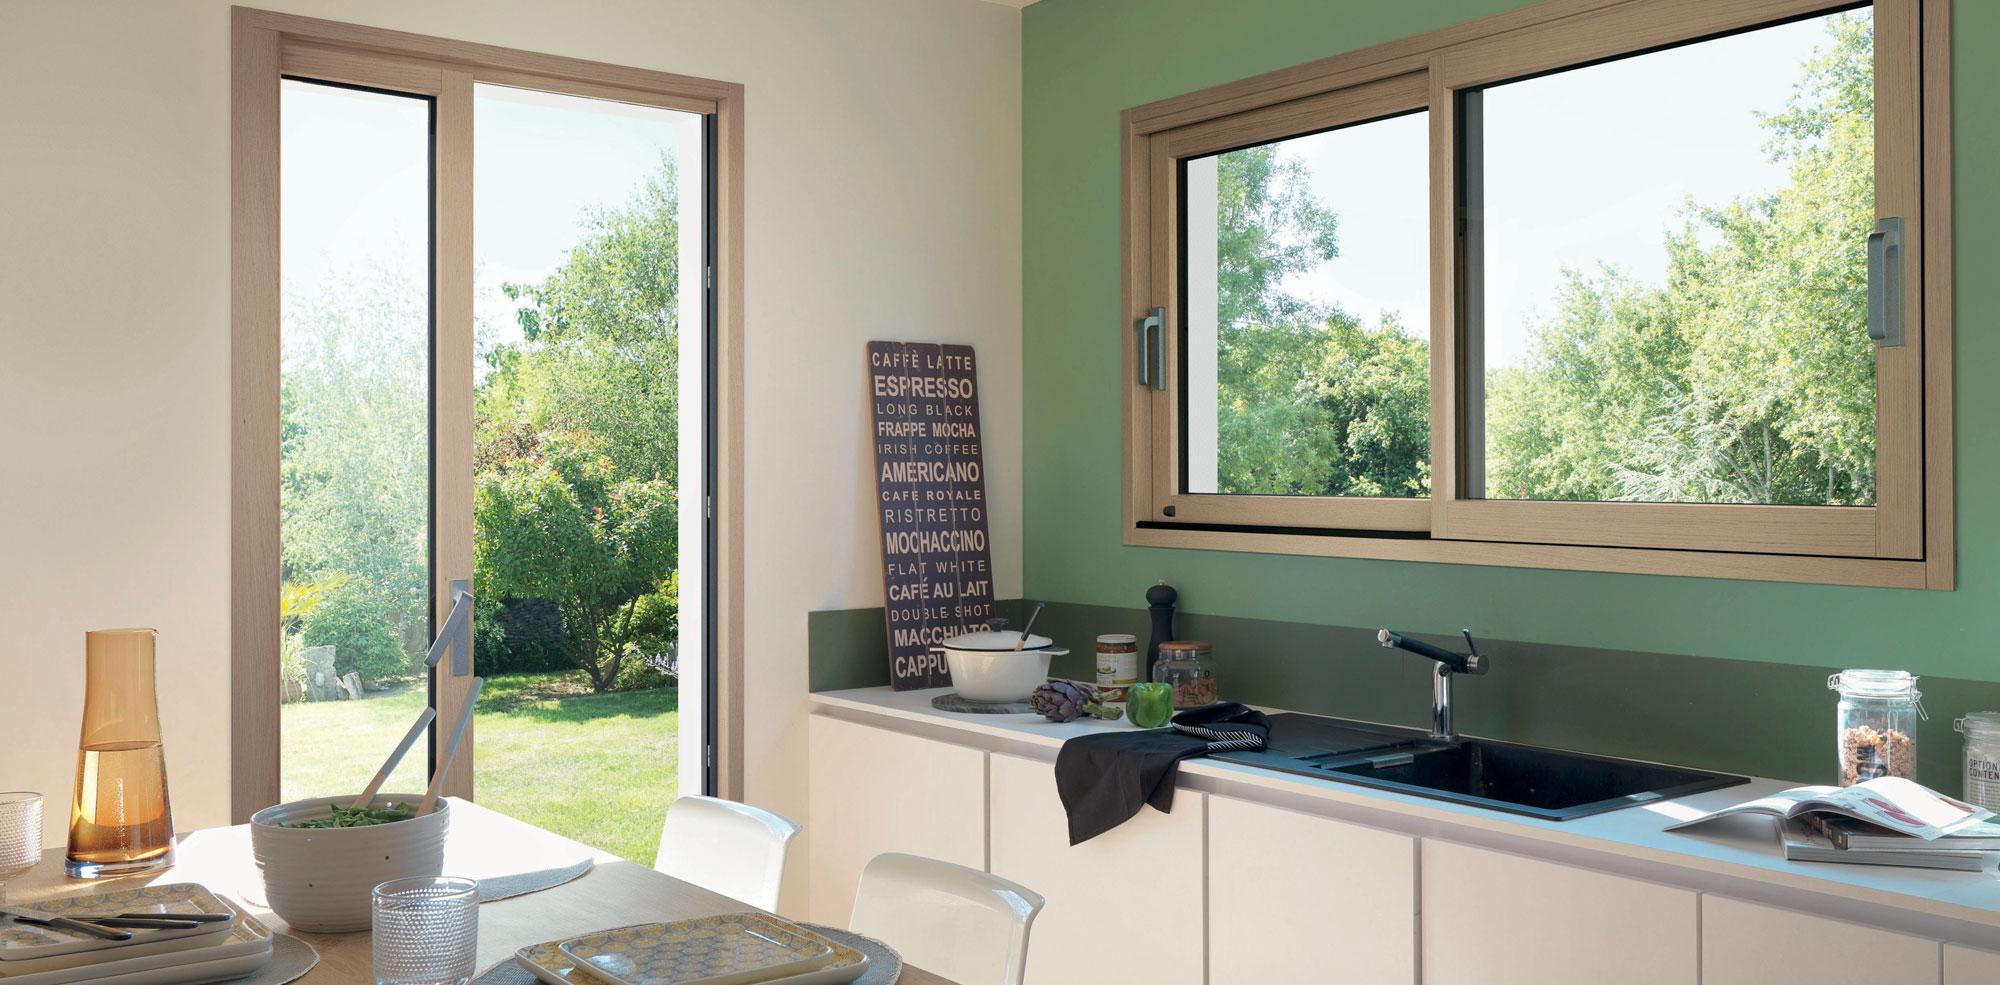 fenetres-cuisine-jardin-menuiseries-maison